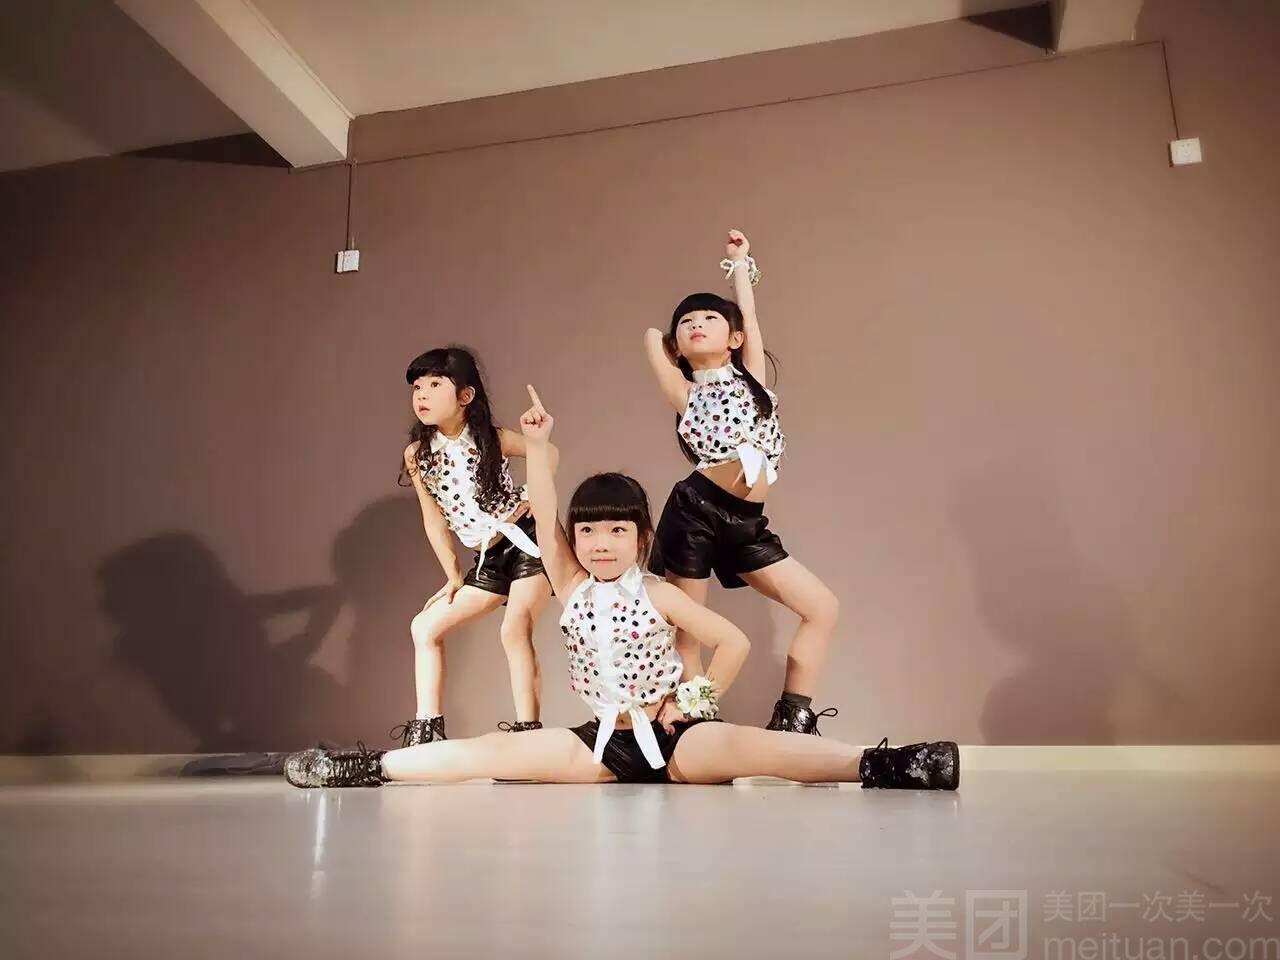 舞空间舞蹈工作室-美团